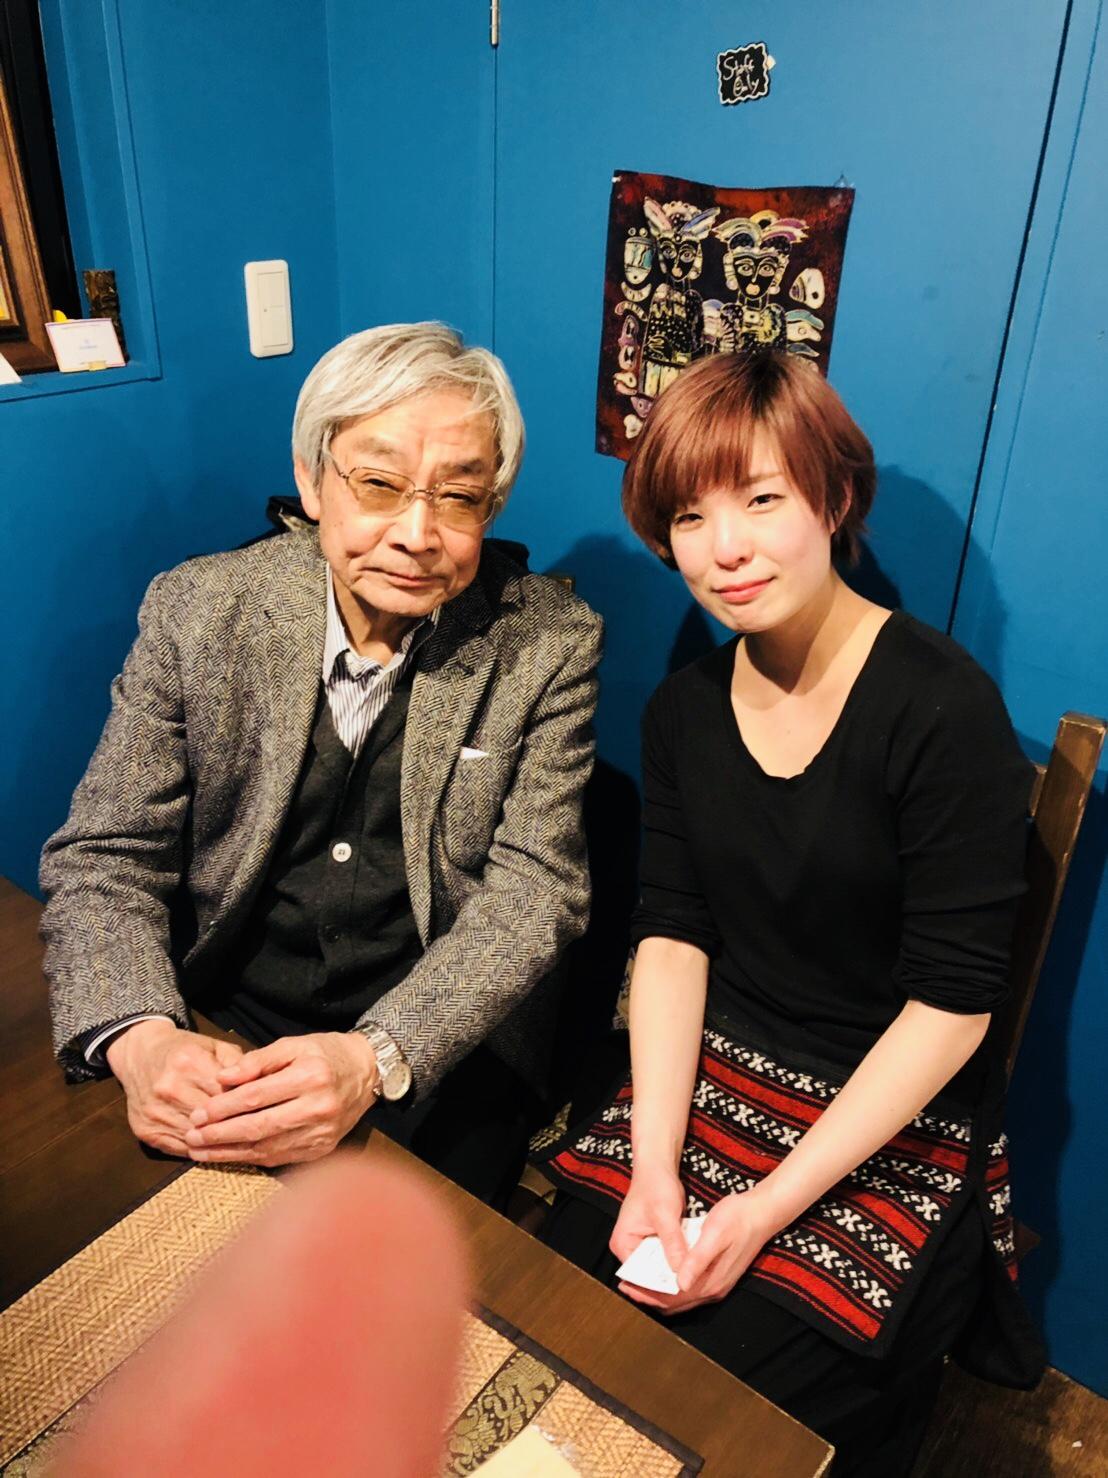 尾崎八郎先生からのお手紙。とクラウドファンディングを初めて思うこと。